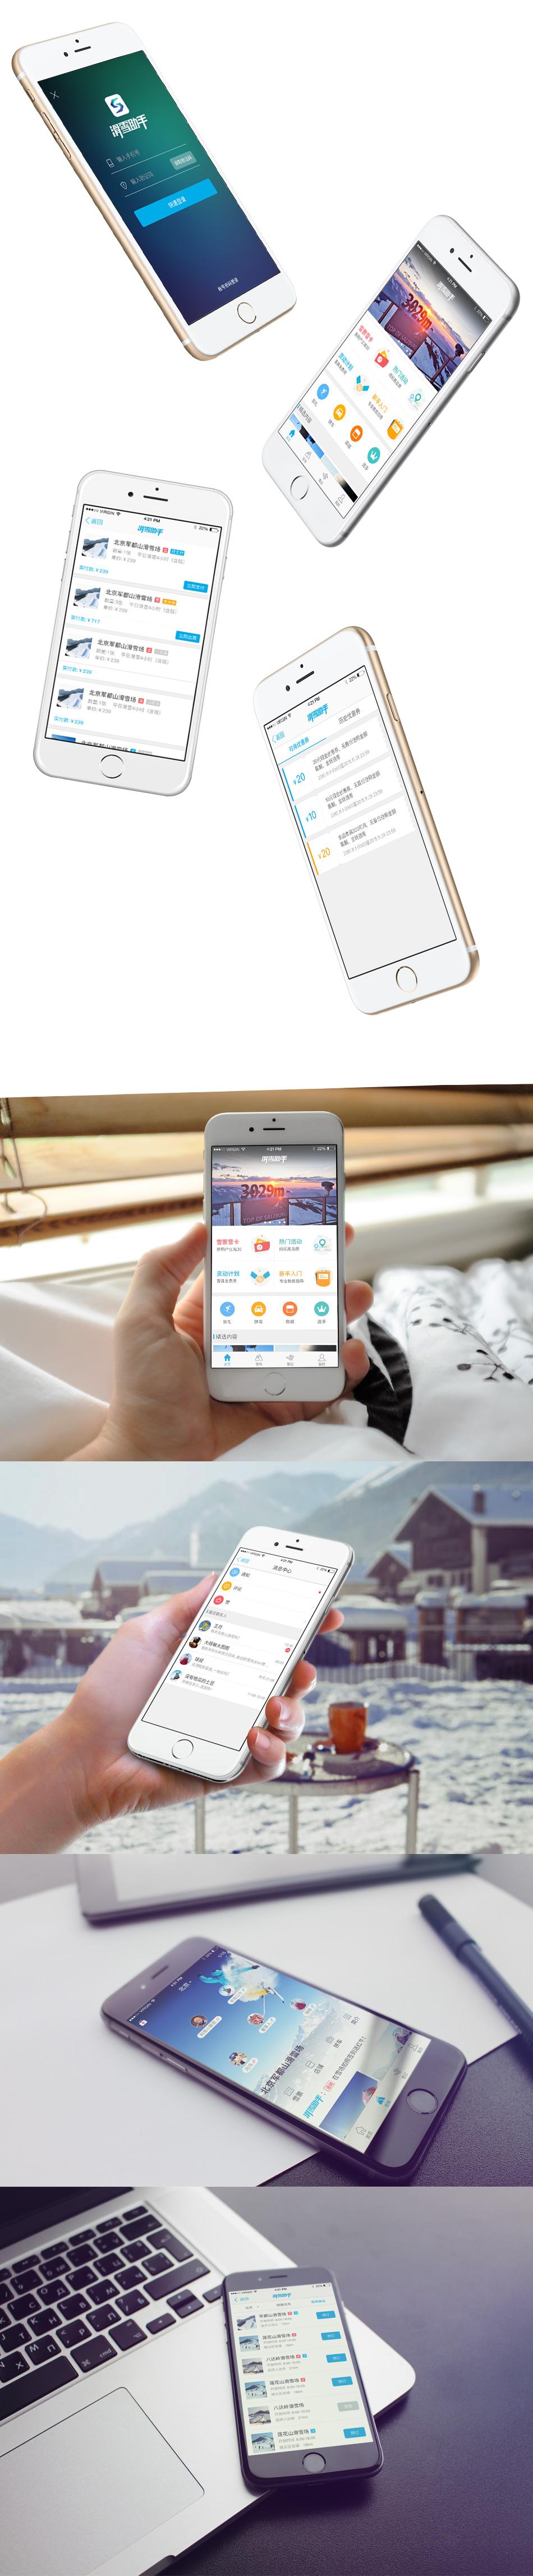 滑雪助手app ui界面设计欣赏(1)